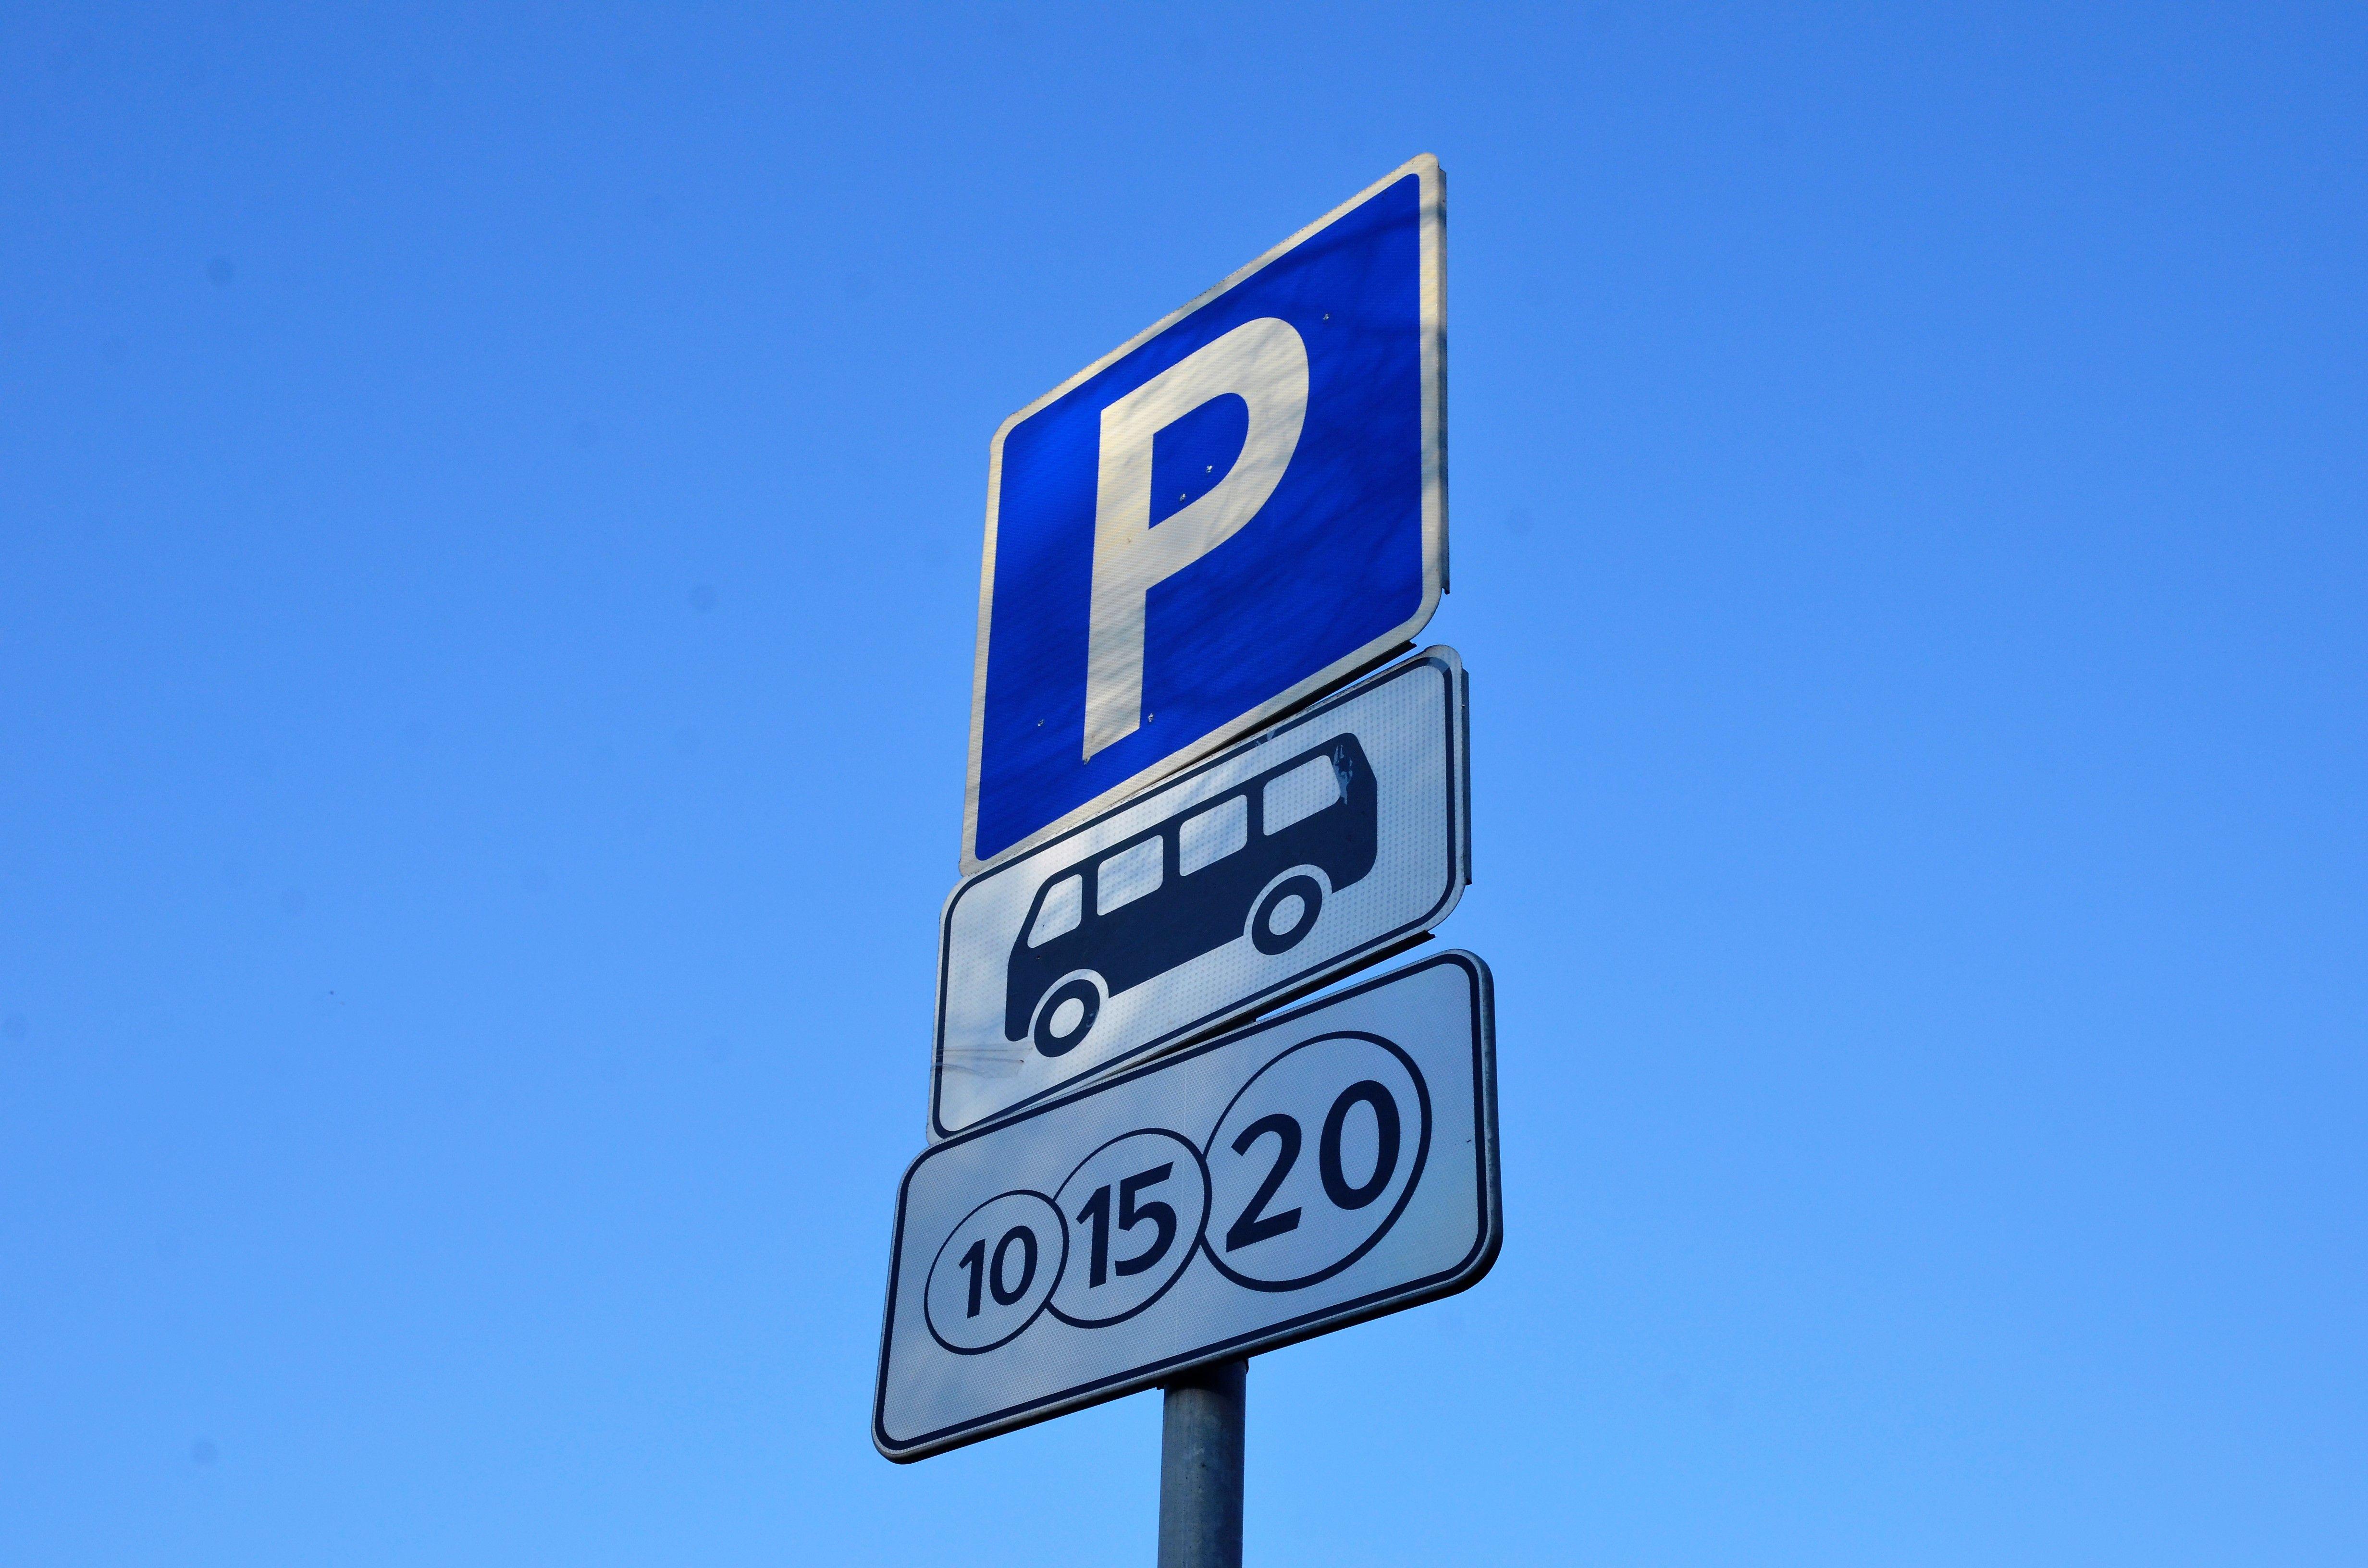 Перехватывающую парковку построили у станции метро «Филатов луг»